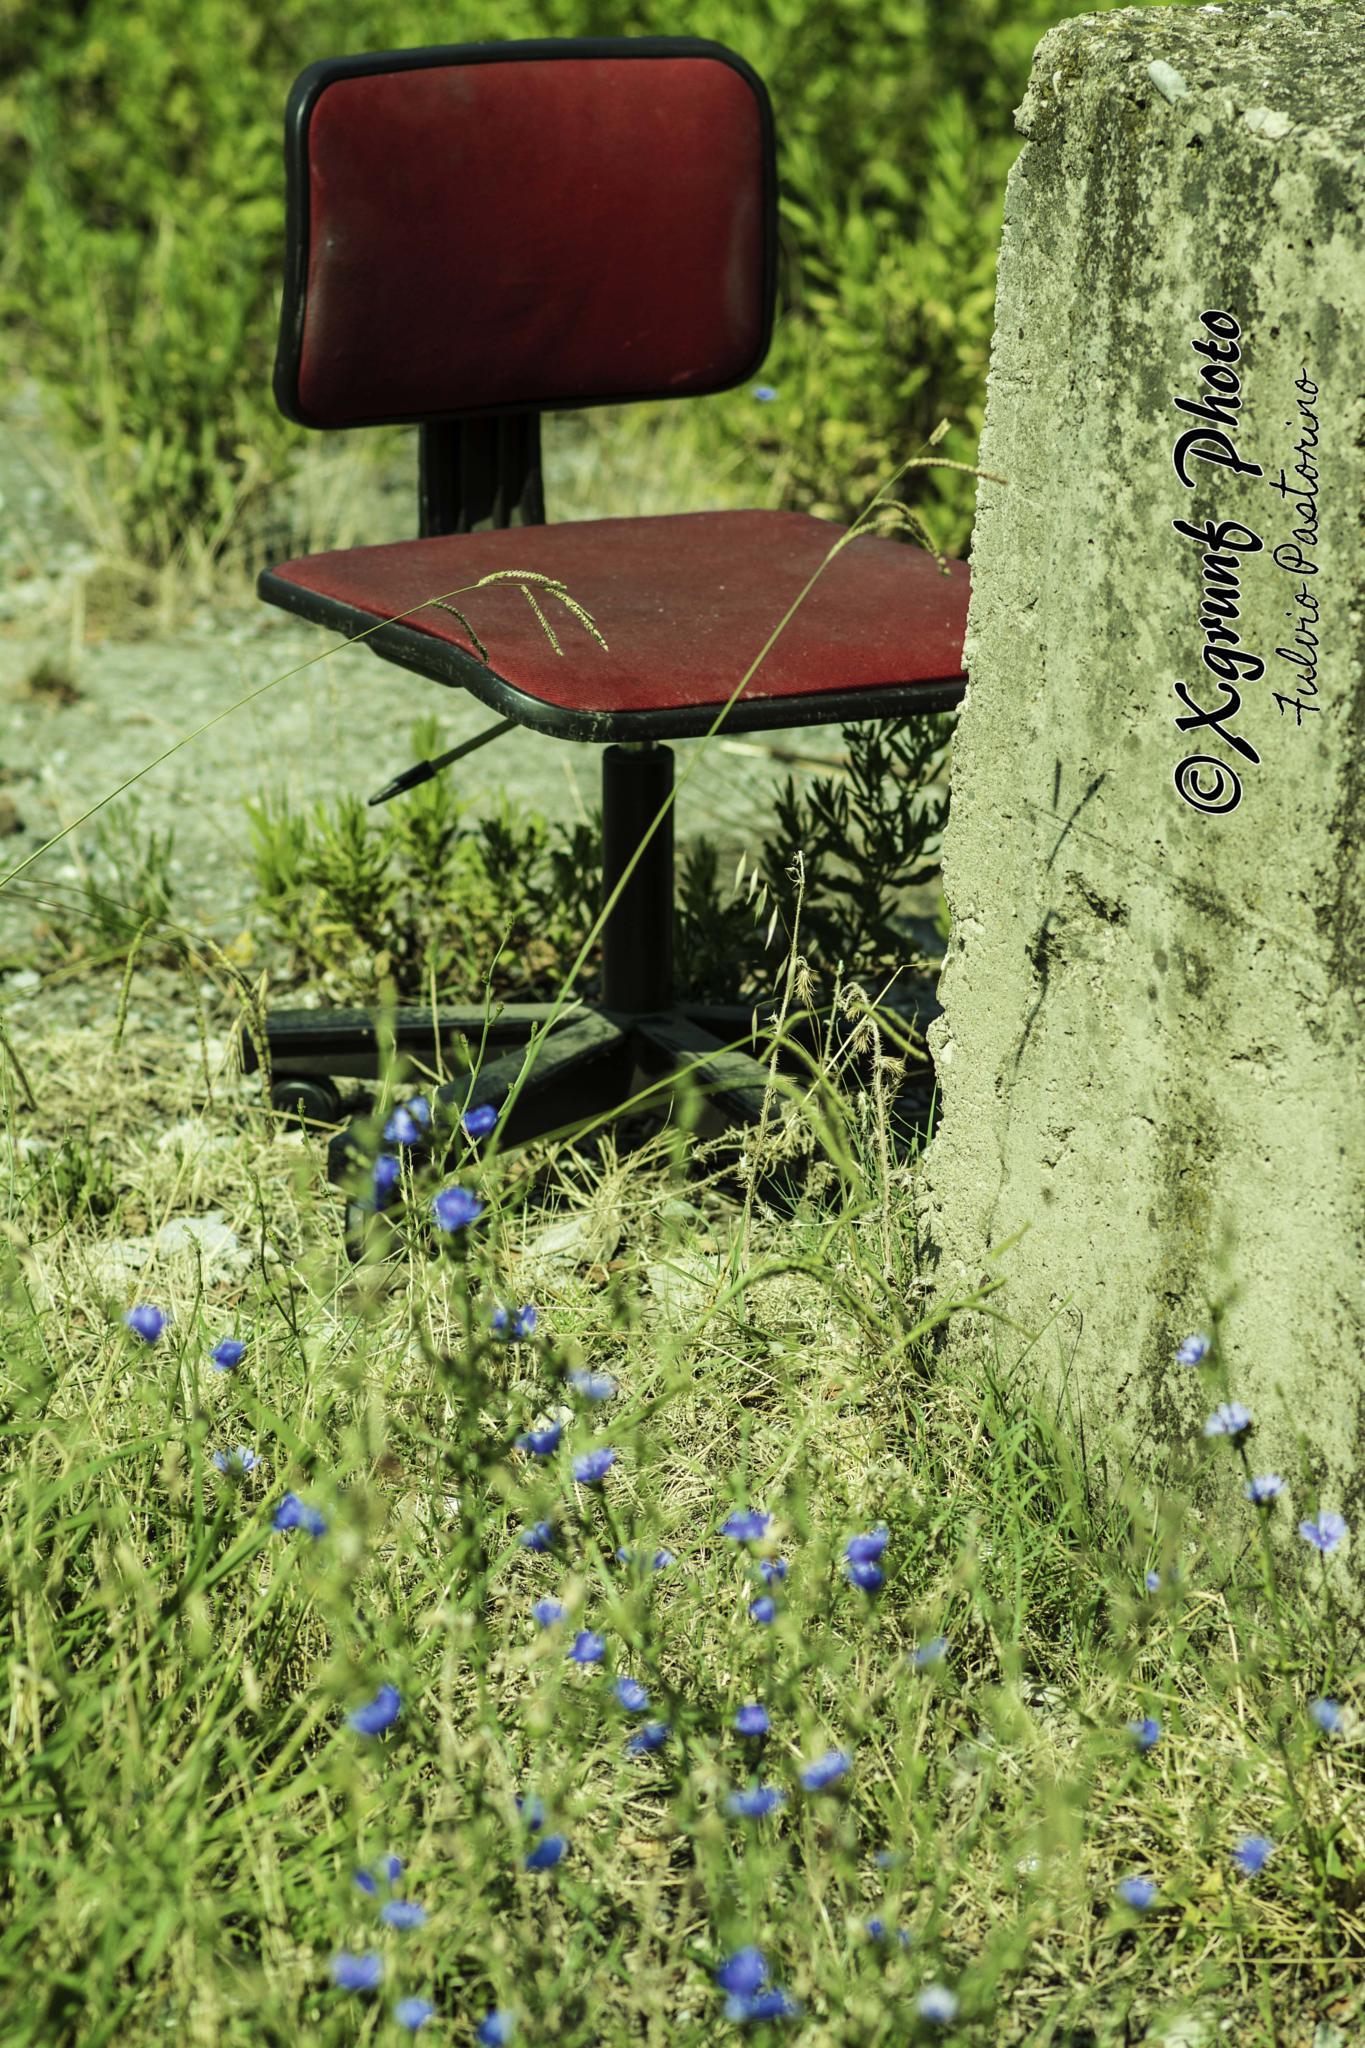 The Chair by fulvio.pastorino